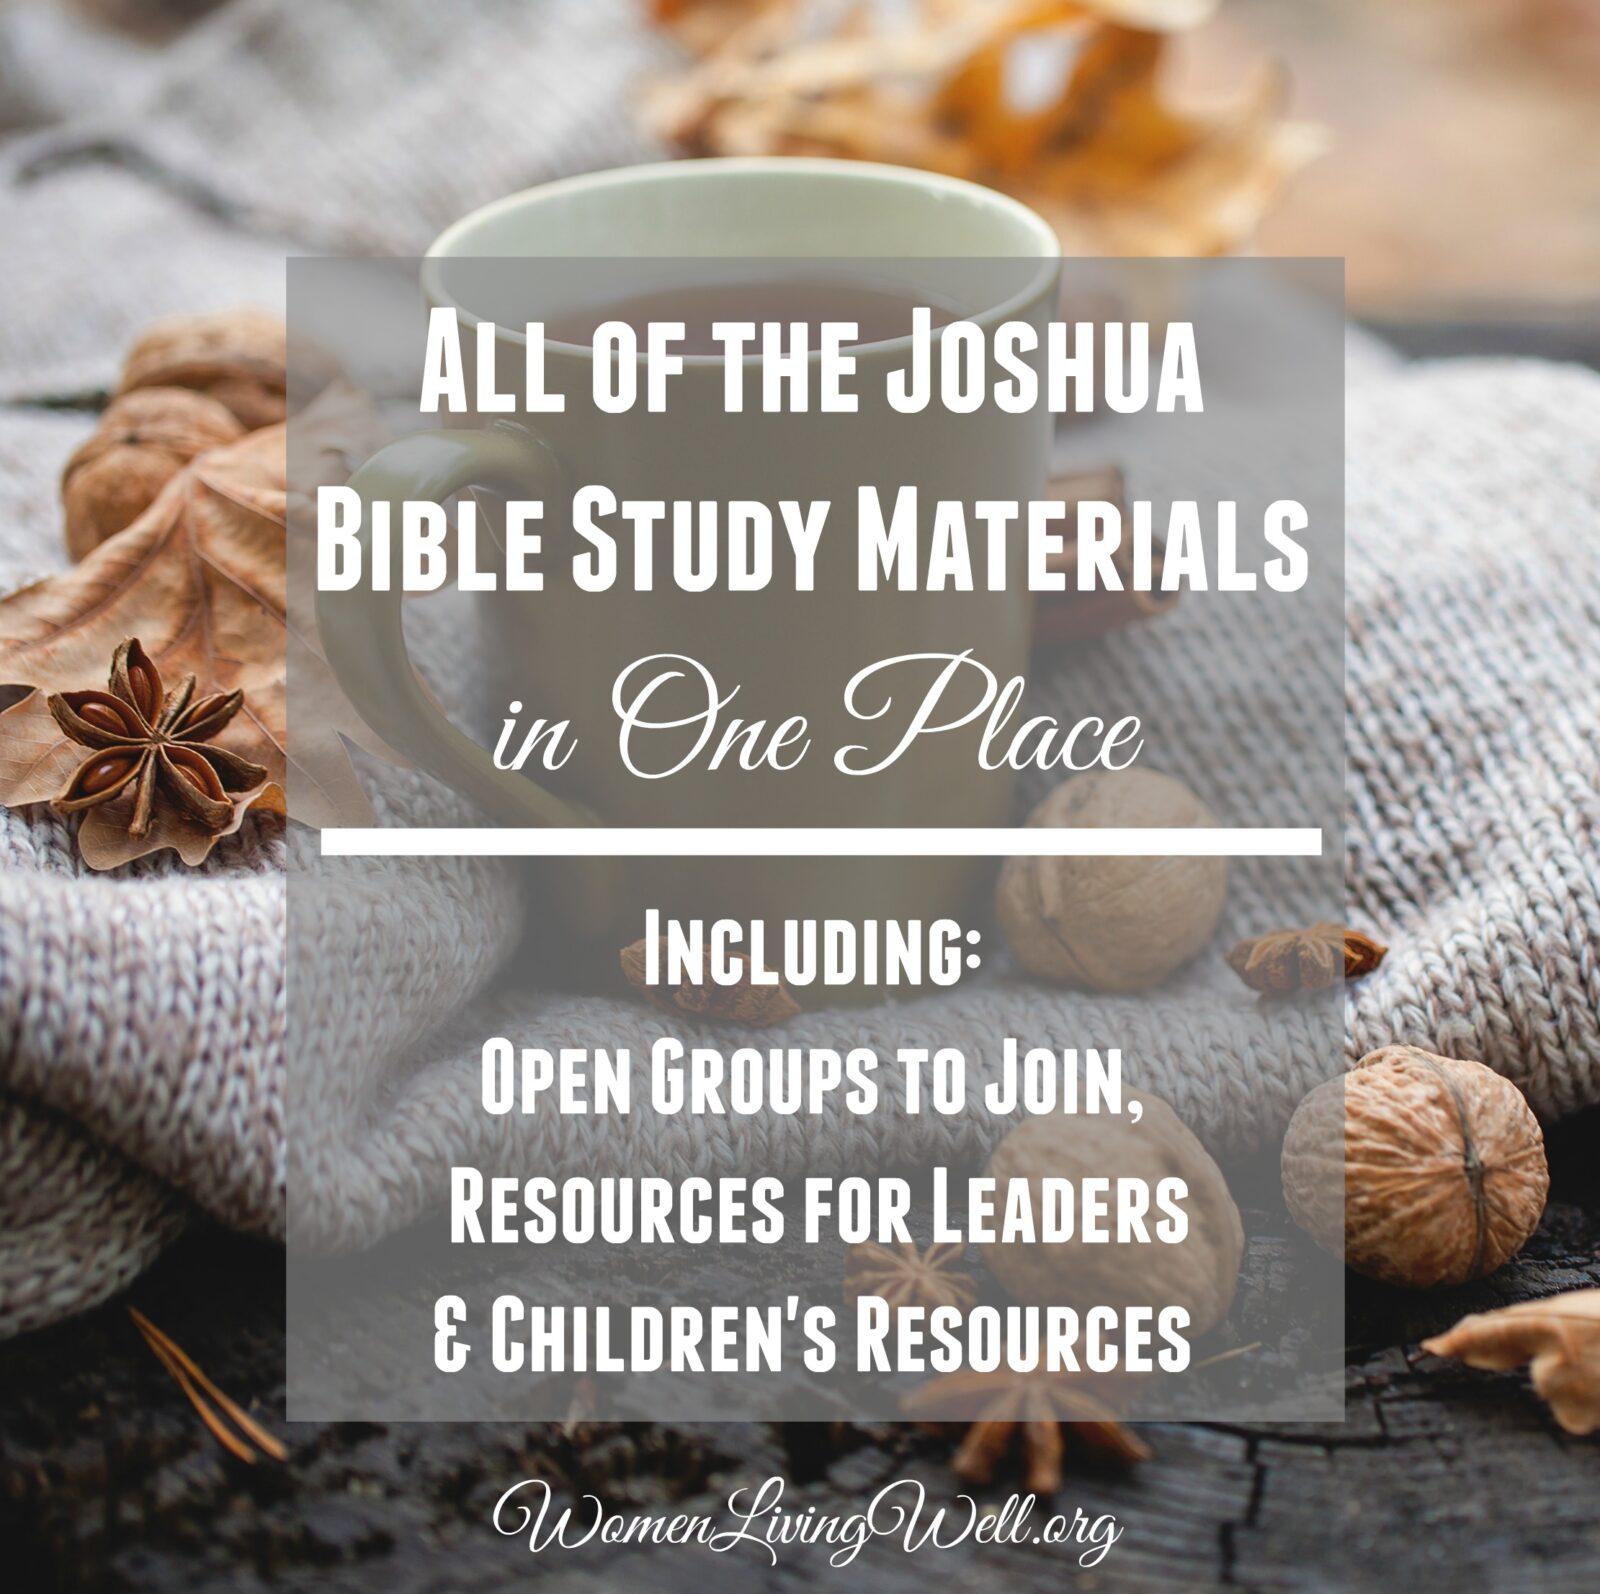 Catholic Bible Studies, Bible Study ... - The Catholic Company